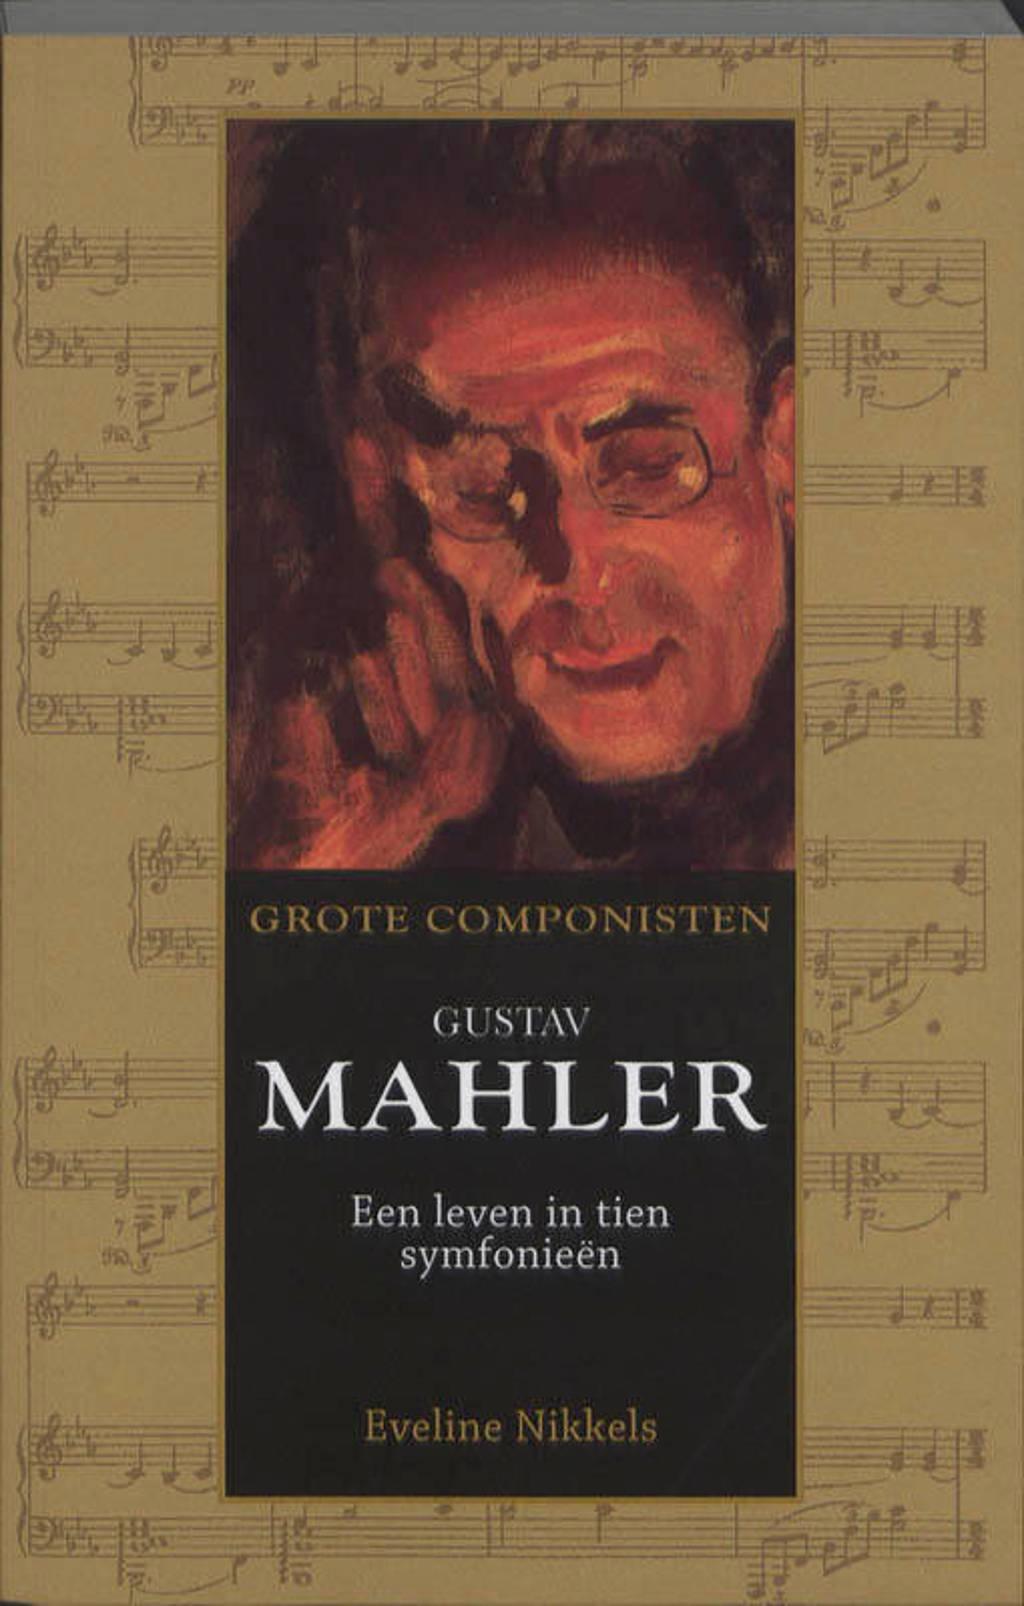 Gustav Mahler (1860-1911) - Eveline Nikkels